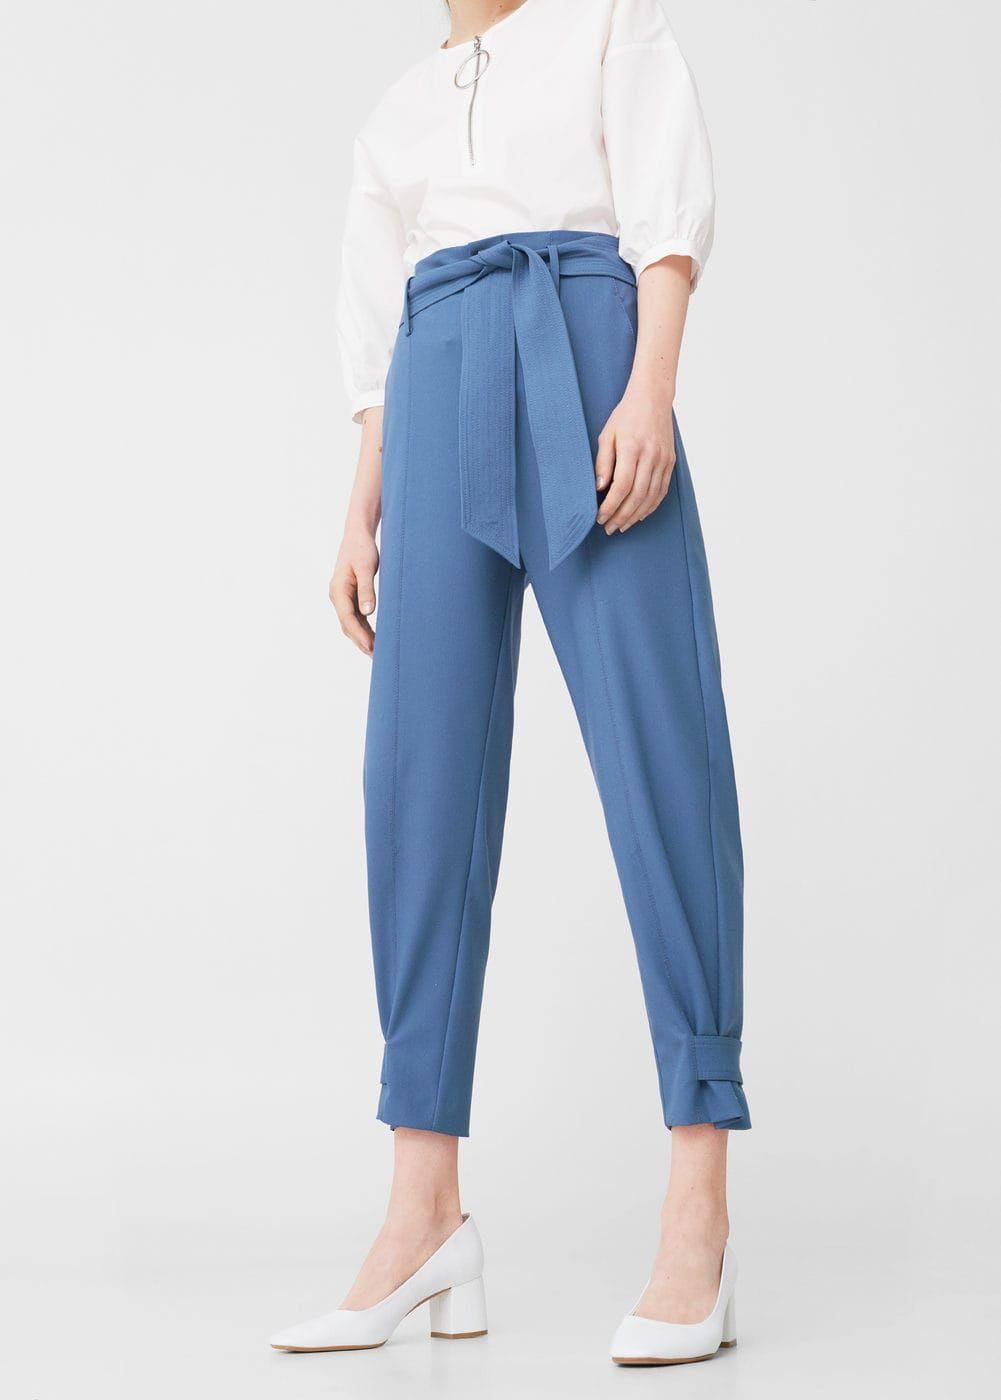 f5f3e10ed192 Bow belt trousers - Woman in 2019 | Style | Trousers women, Dress ...